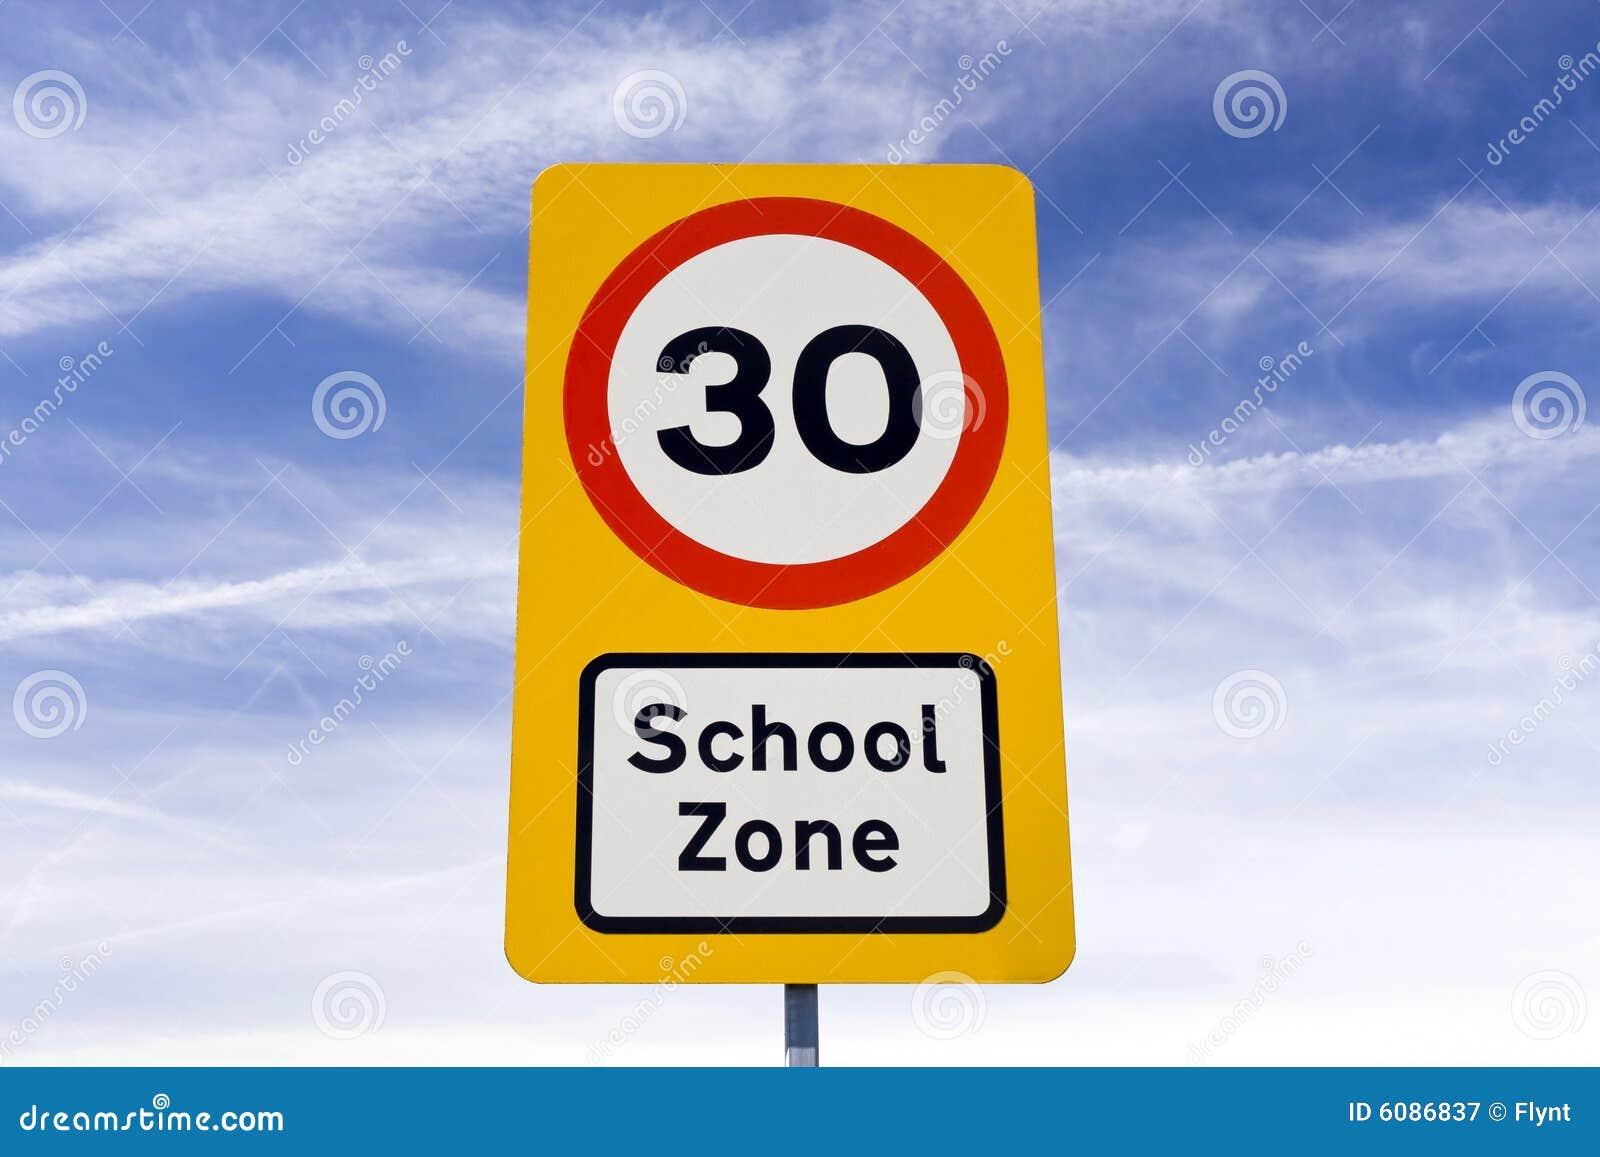 Citaten School Zone : Segnale di pericolo zona del banco immagine stock